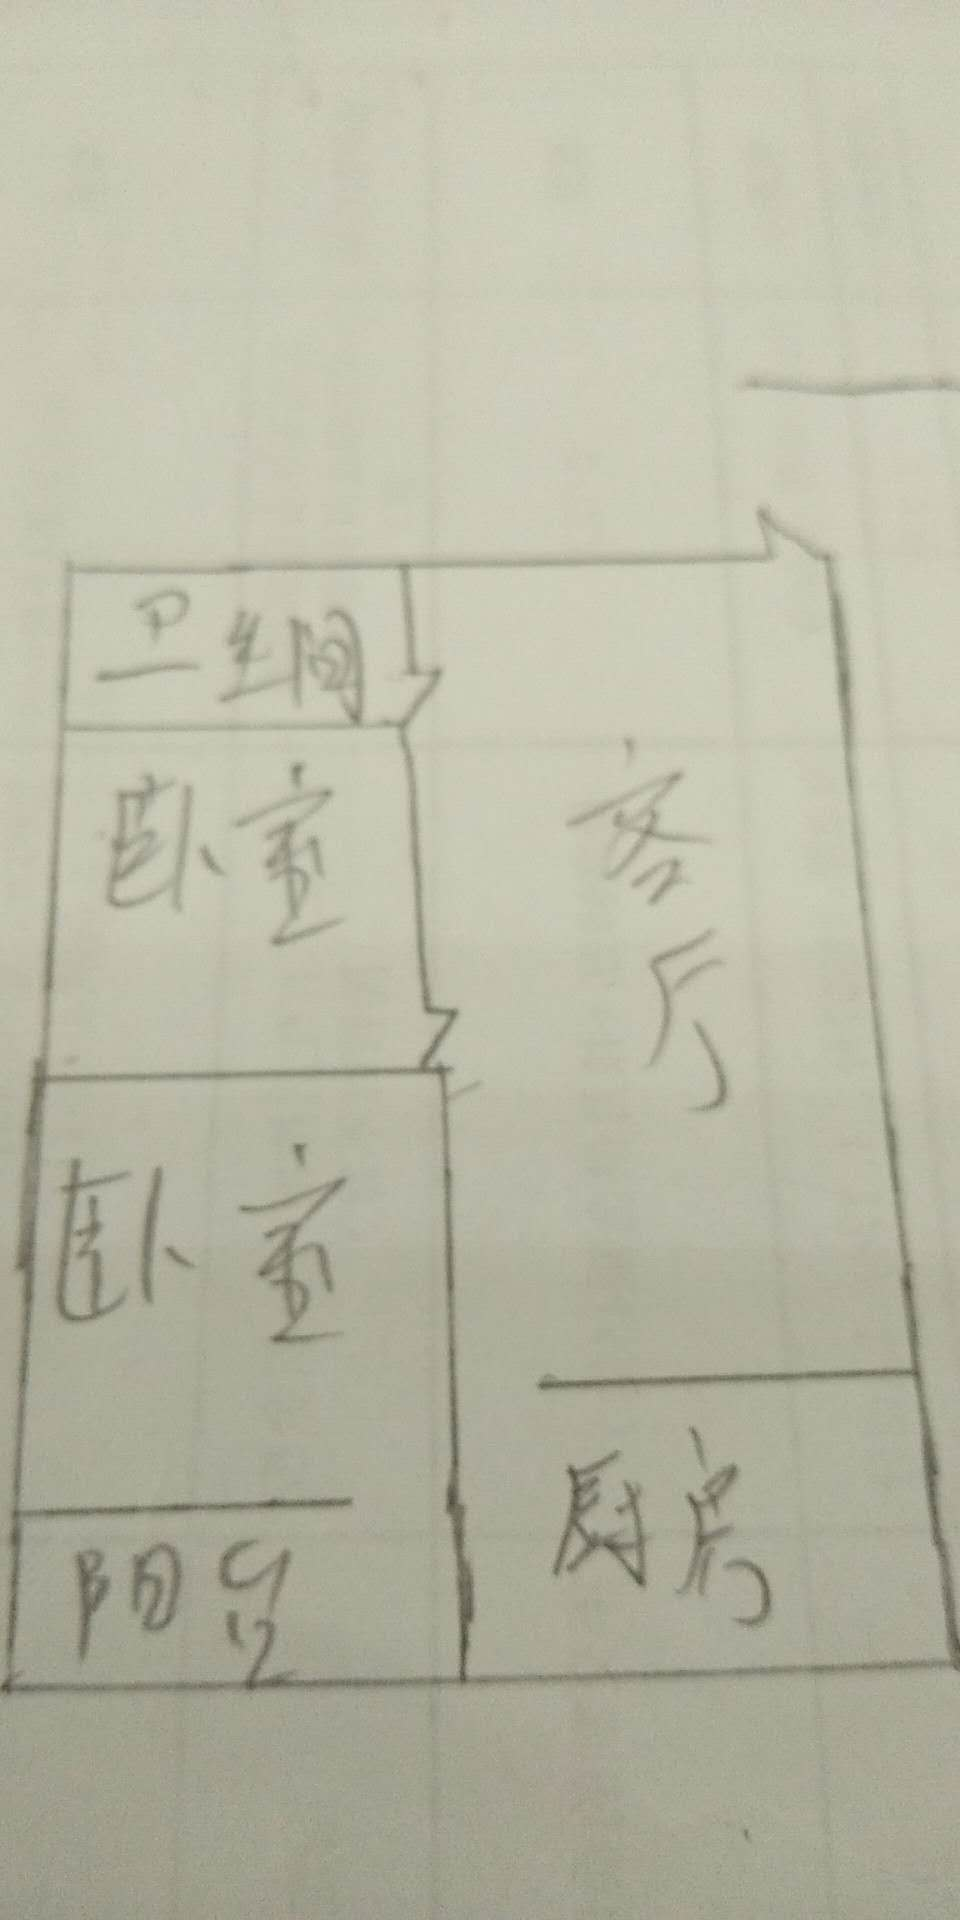 青龙潭小区 2室1厅 3楼